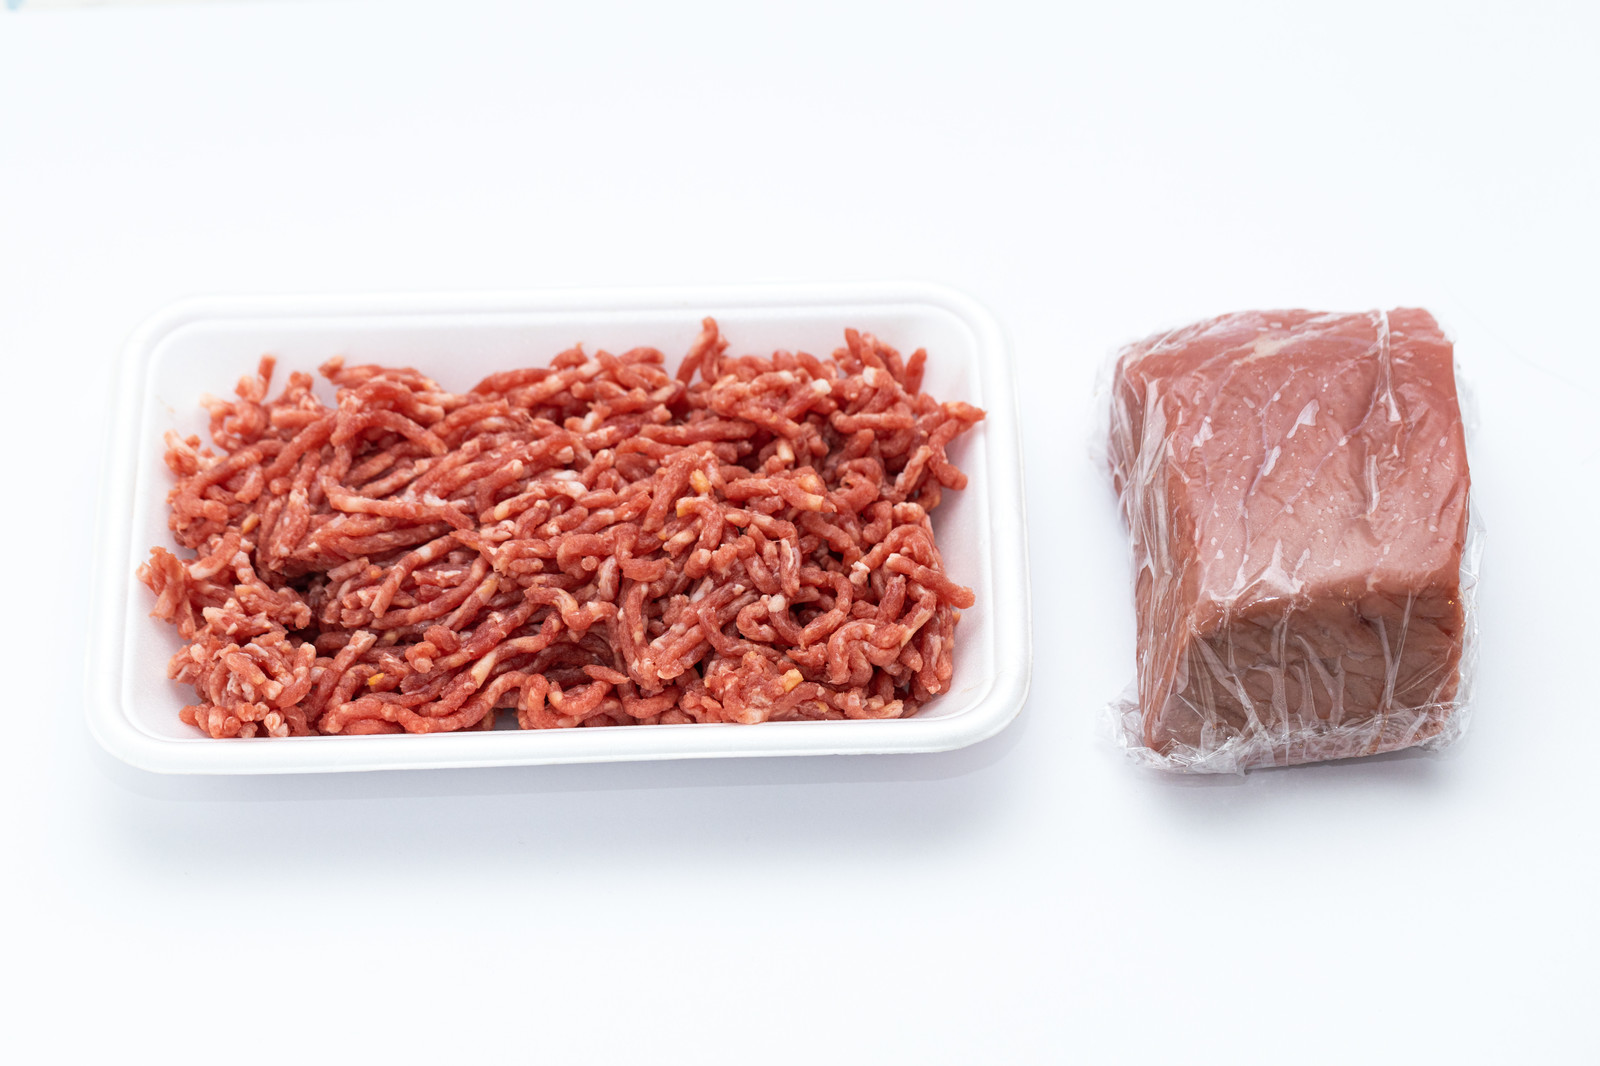 「合挽肉とラップに包まれたモモ肉(塊)」の写真